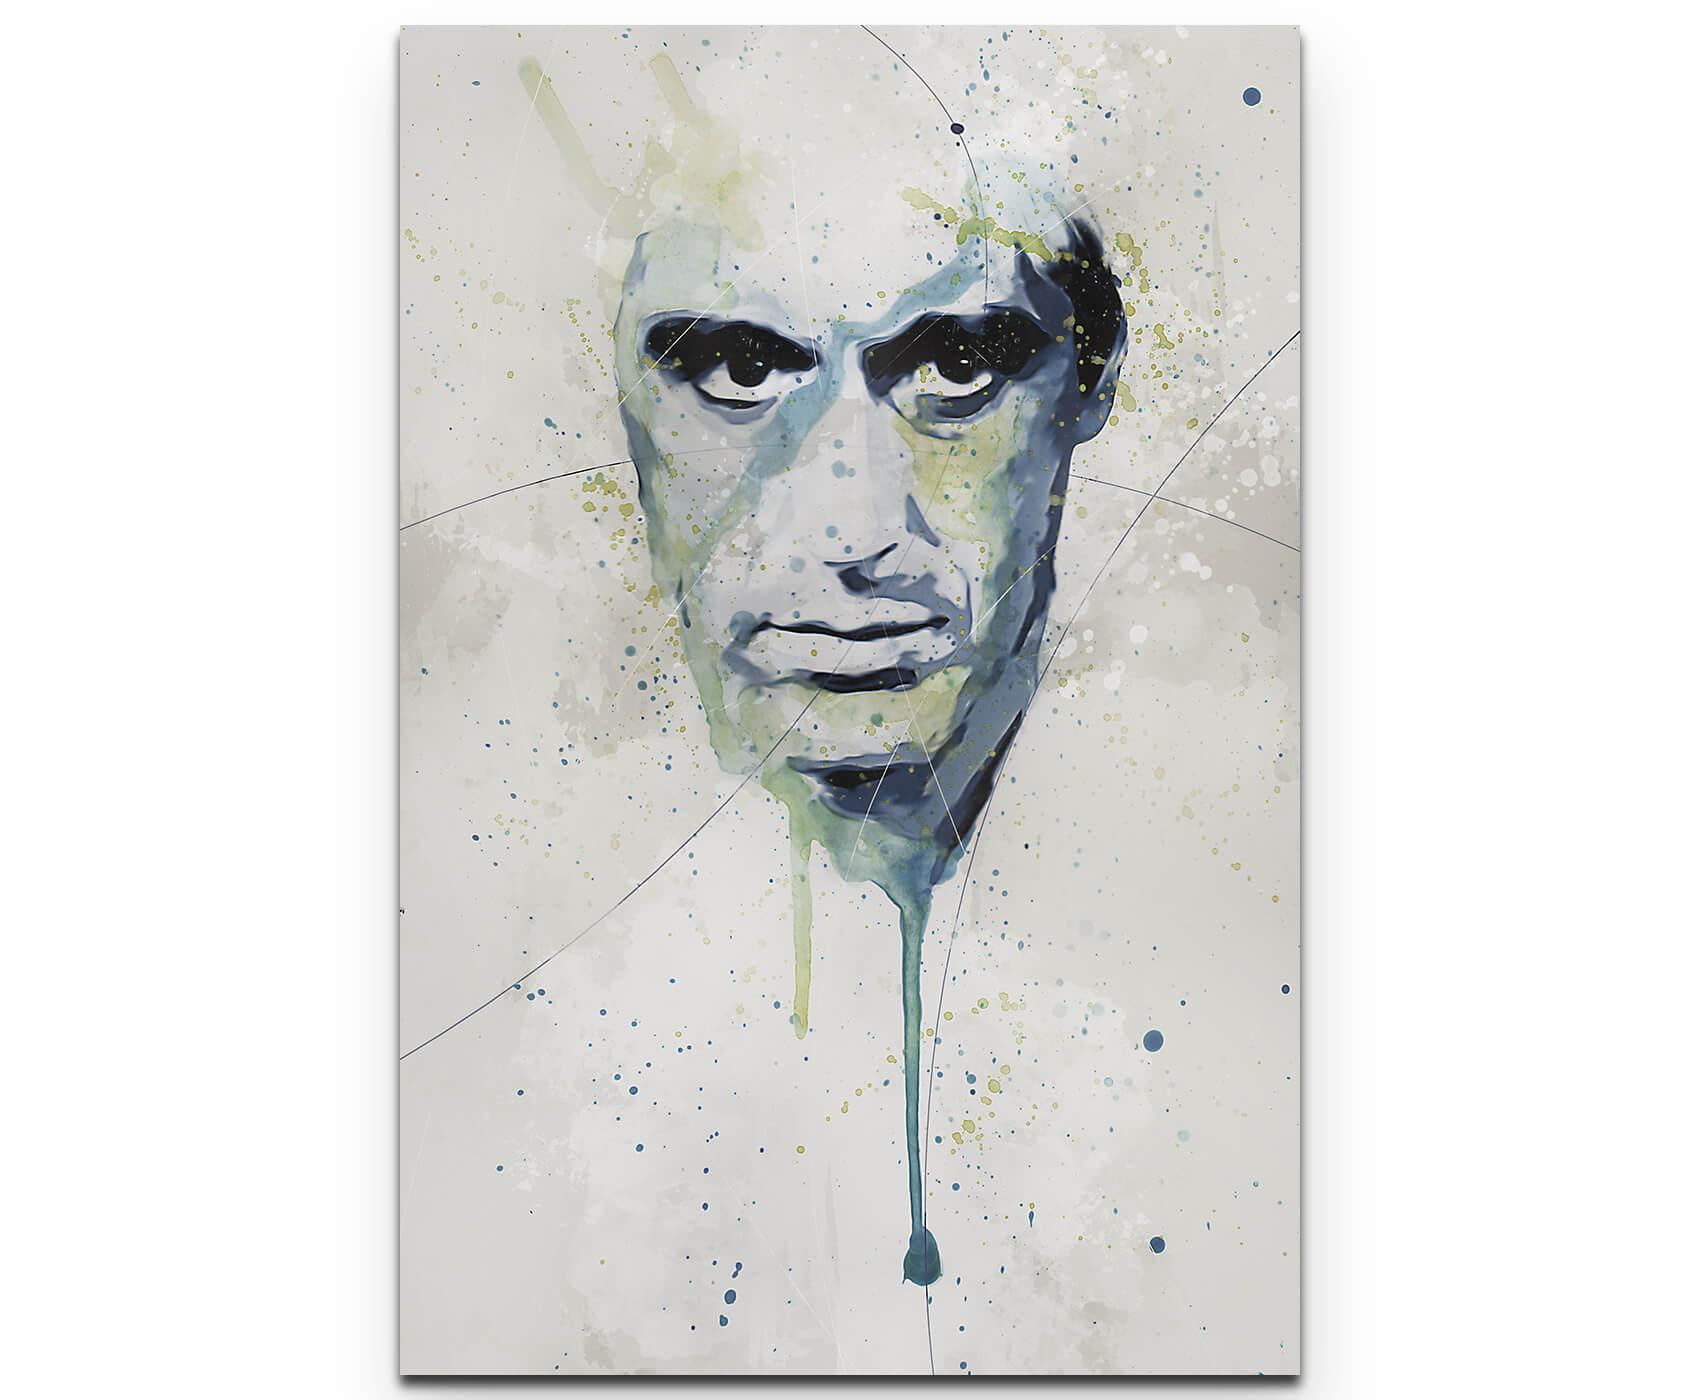 Al Pacino Scarface II als Premium Leinwandbild | Splash Art ...